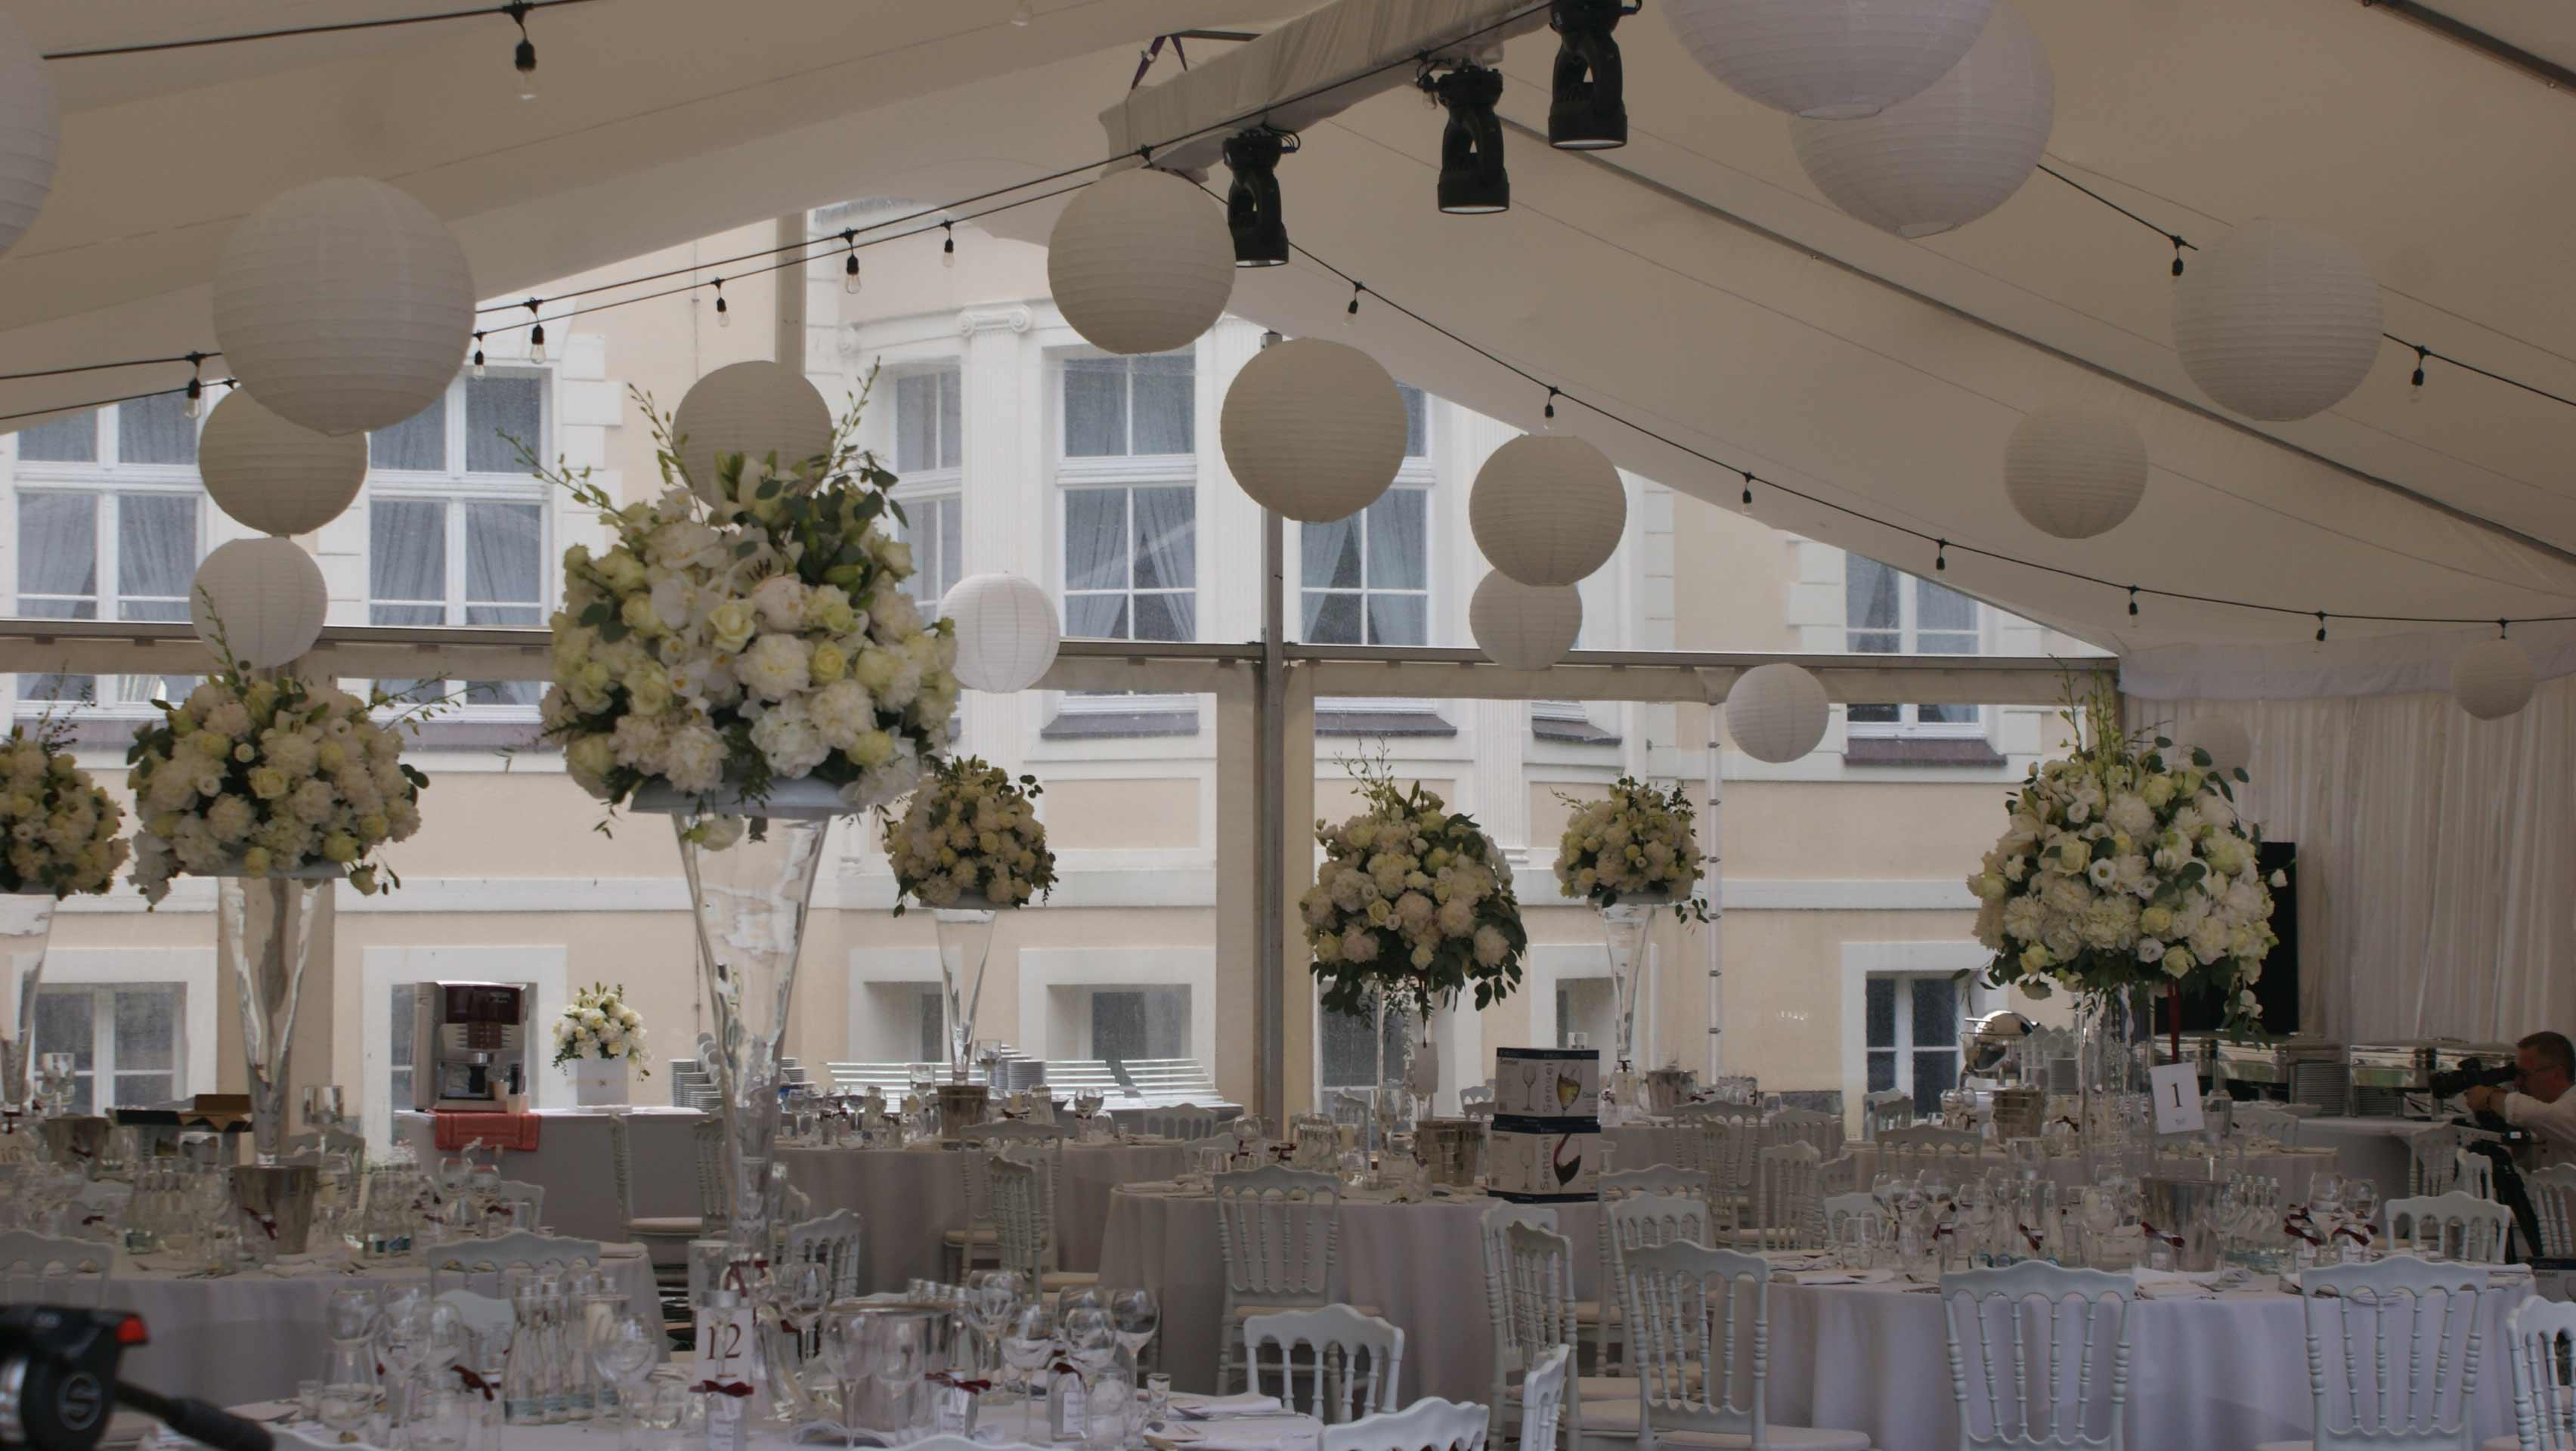 Cudowna Dekoracja sufitu na sali weselnej - Artcom FO85